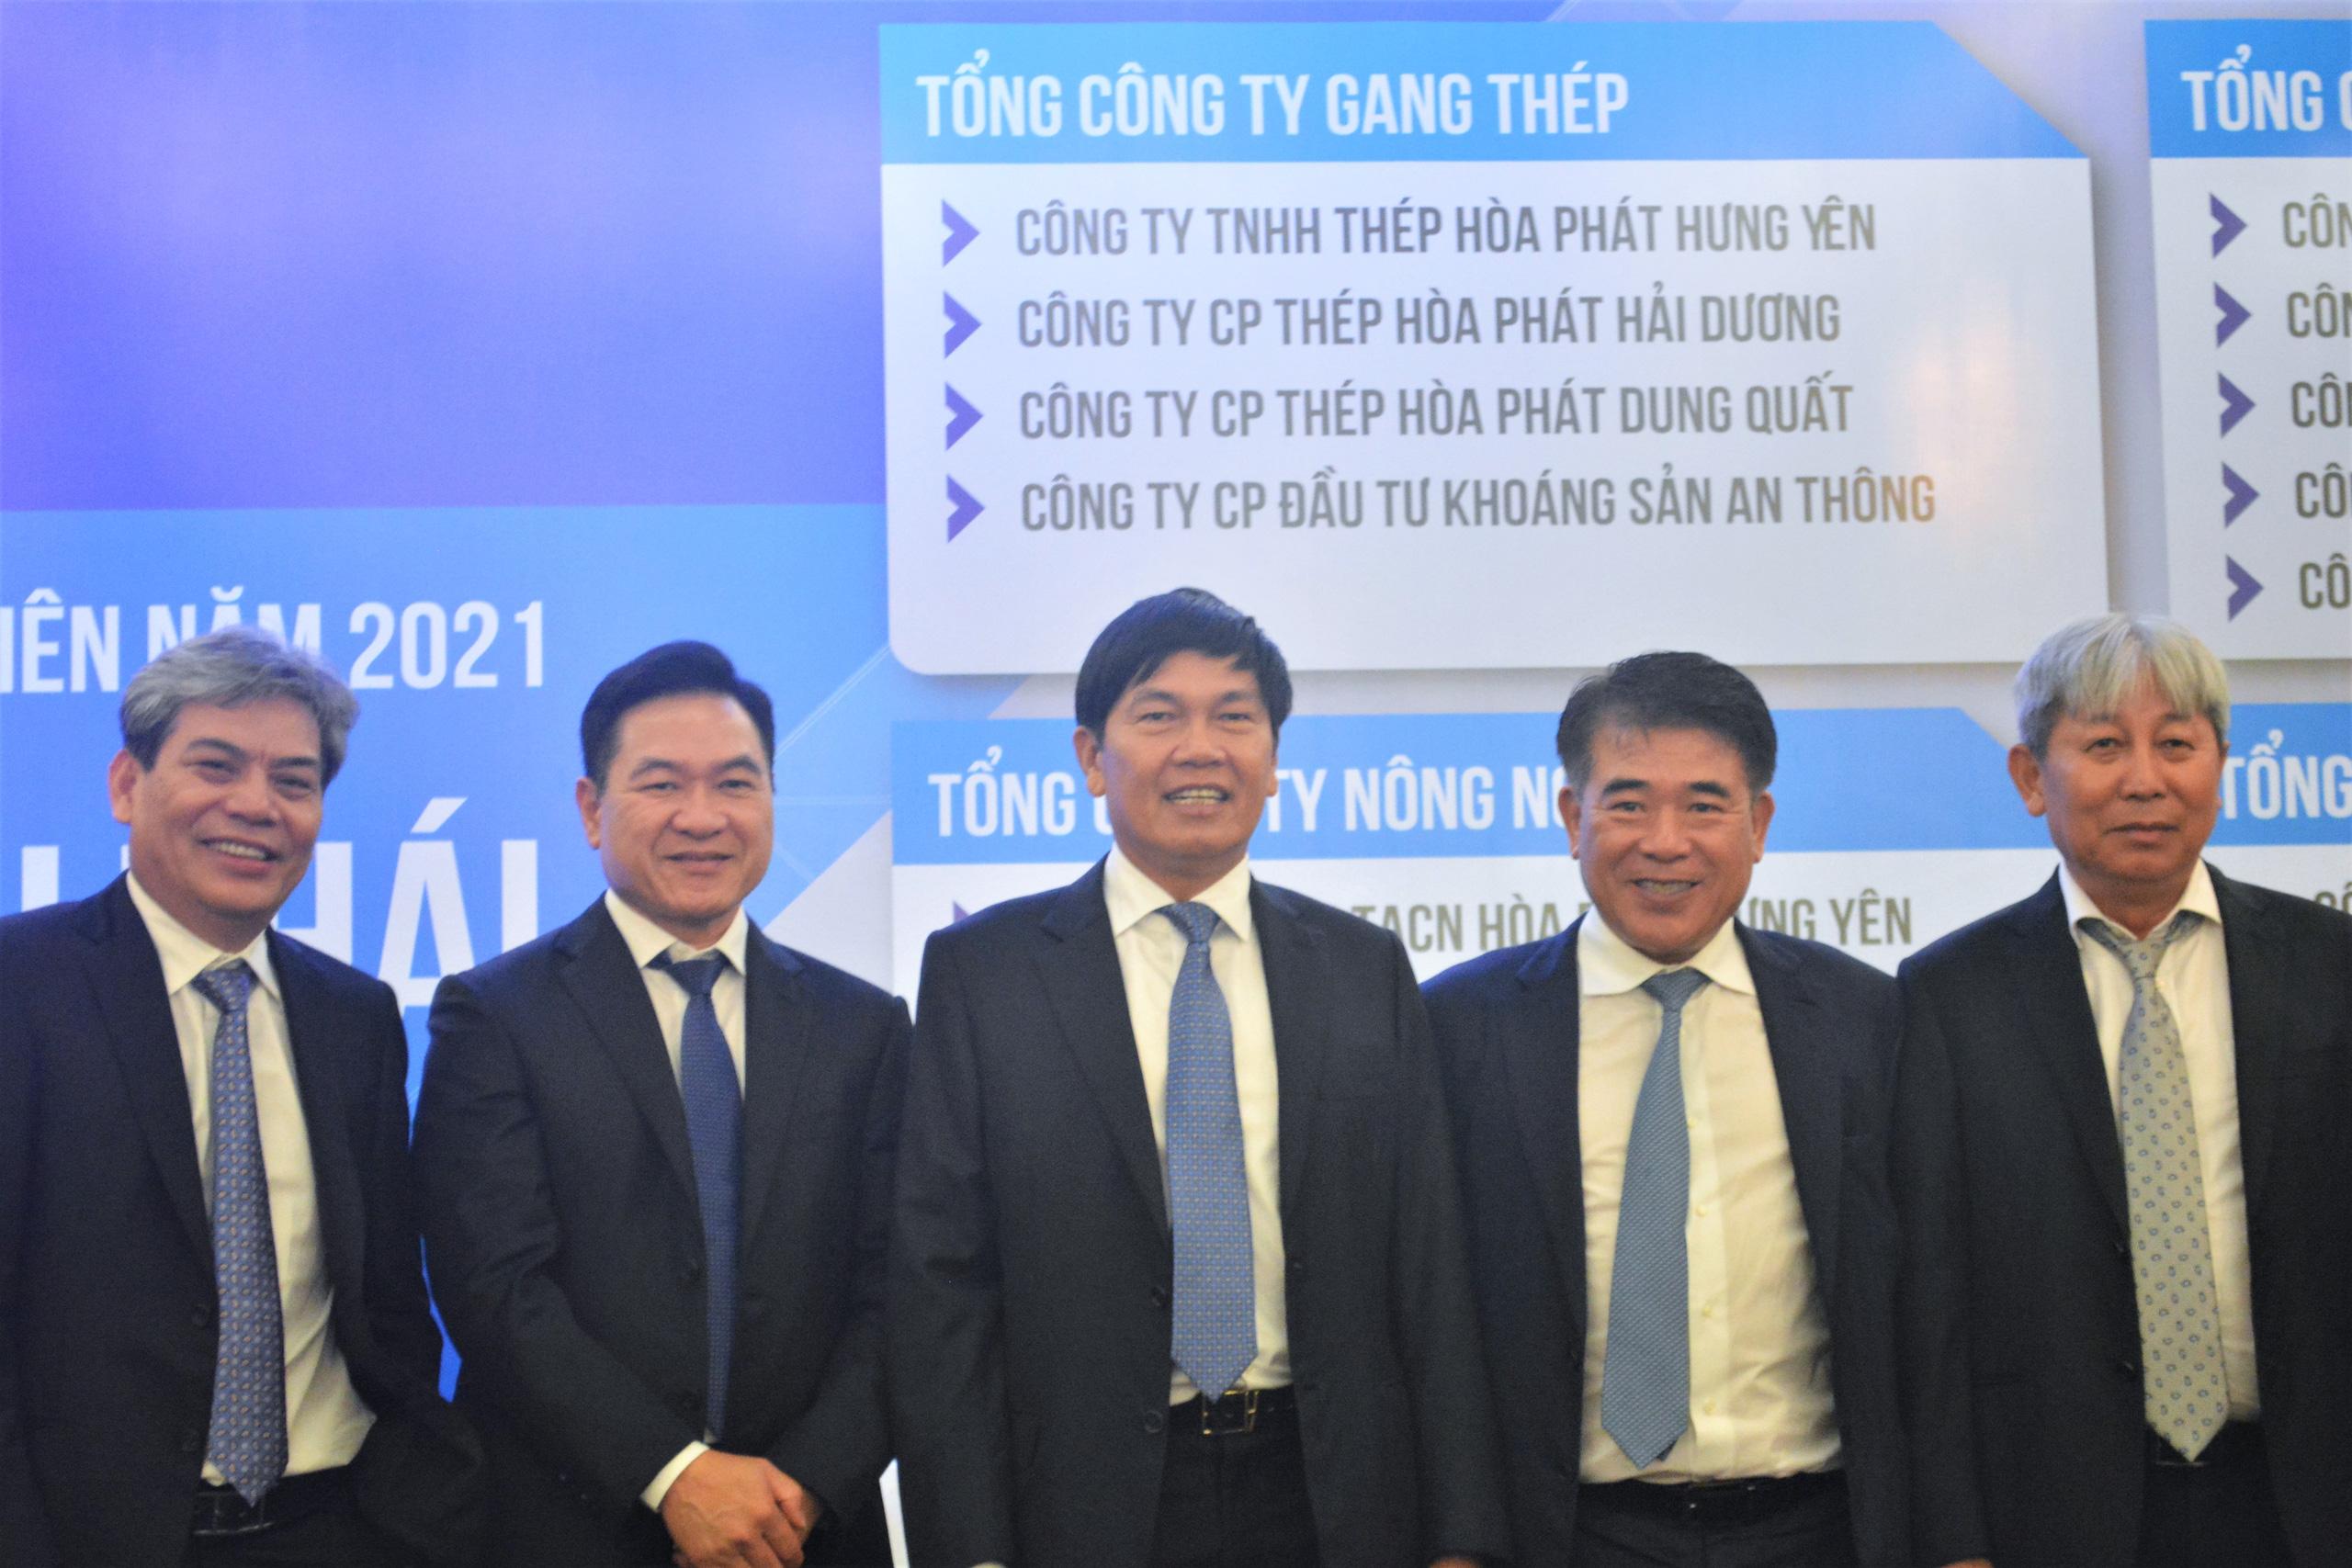 Ông Nguyễn Mạnh Tuấn muốn bán hơn 700 tỷ đồng cổ phiếu HPG cho hai con - Ảnh 2.